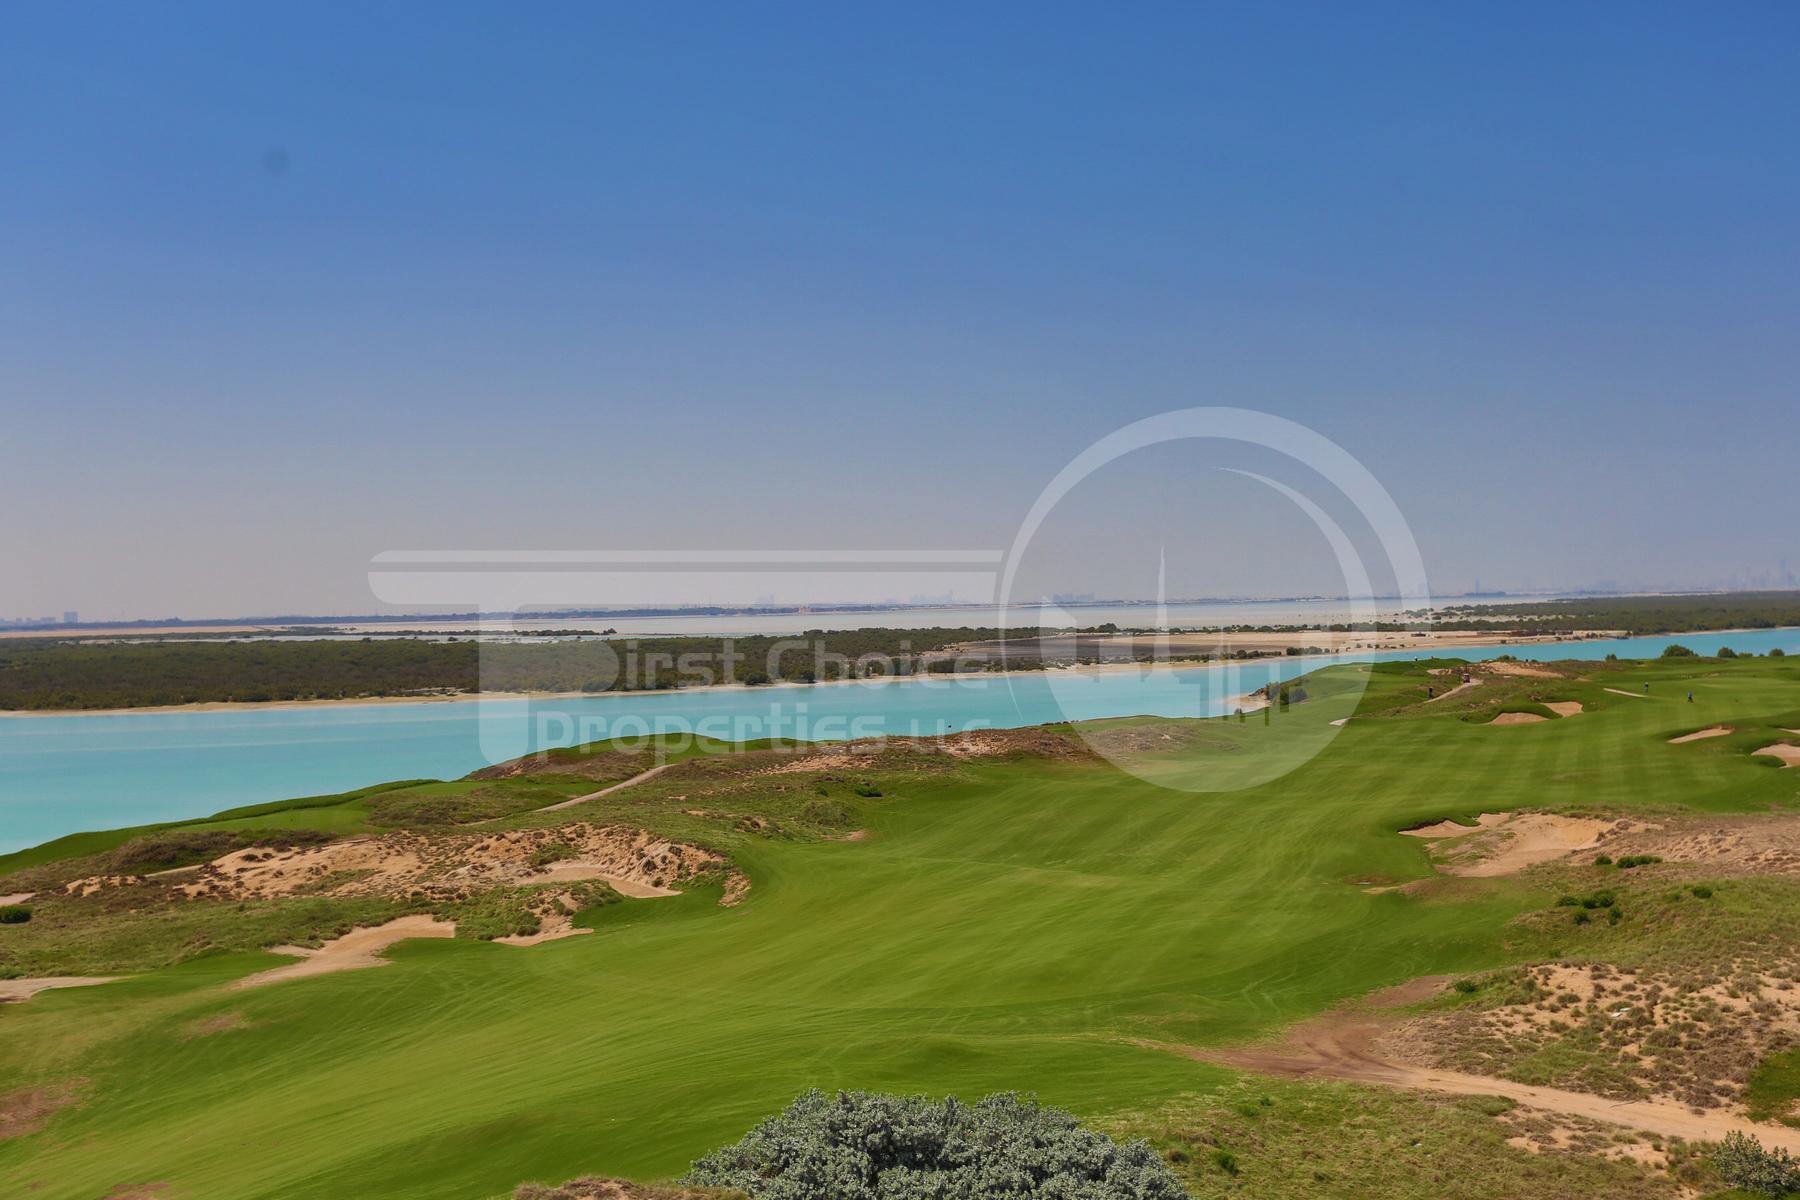 Studio - 1BR - 2BR - 3BR Apartment - UAE - Abu Dhabi - Yas Island - Ansam (9).JPG